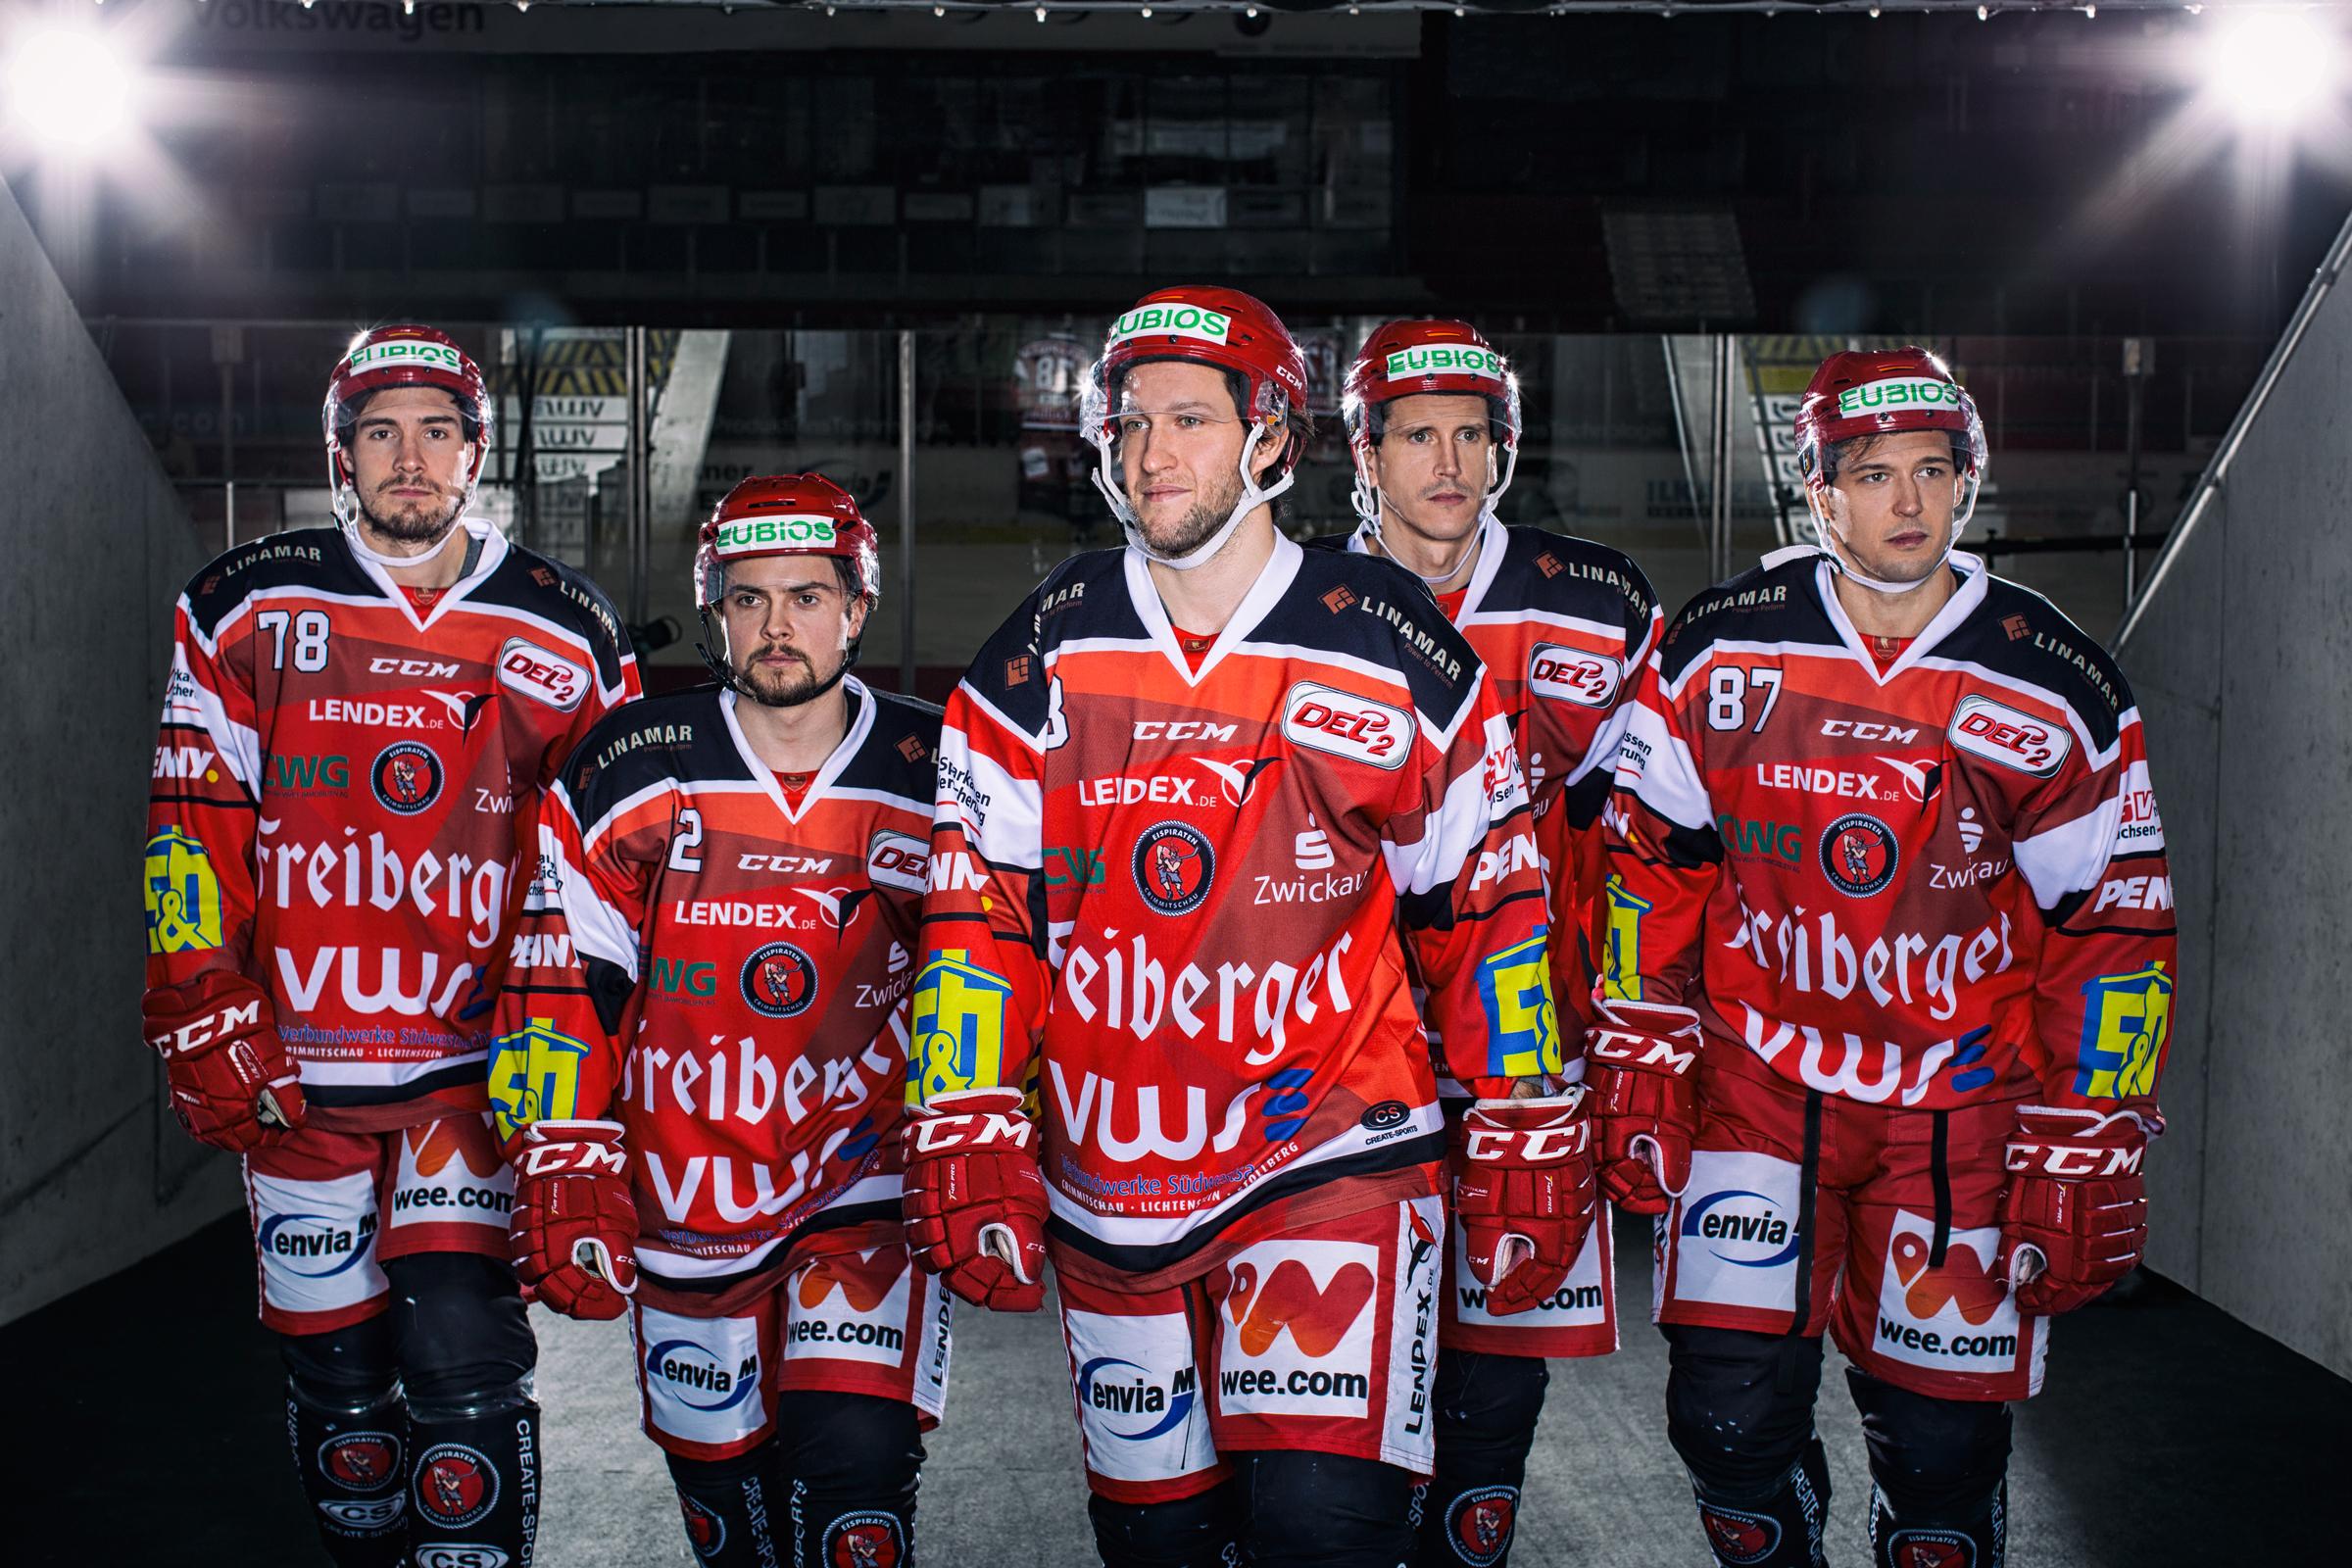 Eishockey Spieler im Stadiontunnel. Ice Hockey player in the stadium tunnel.